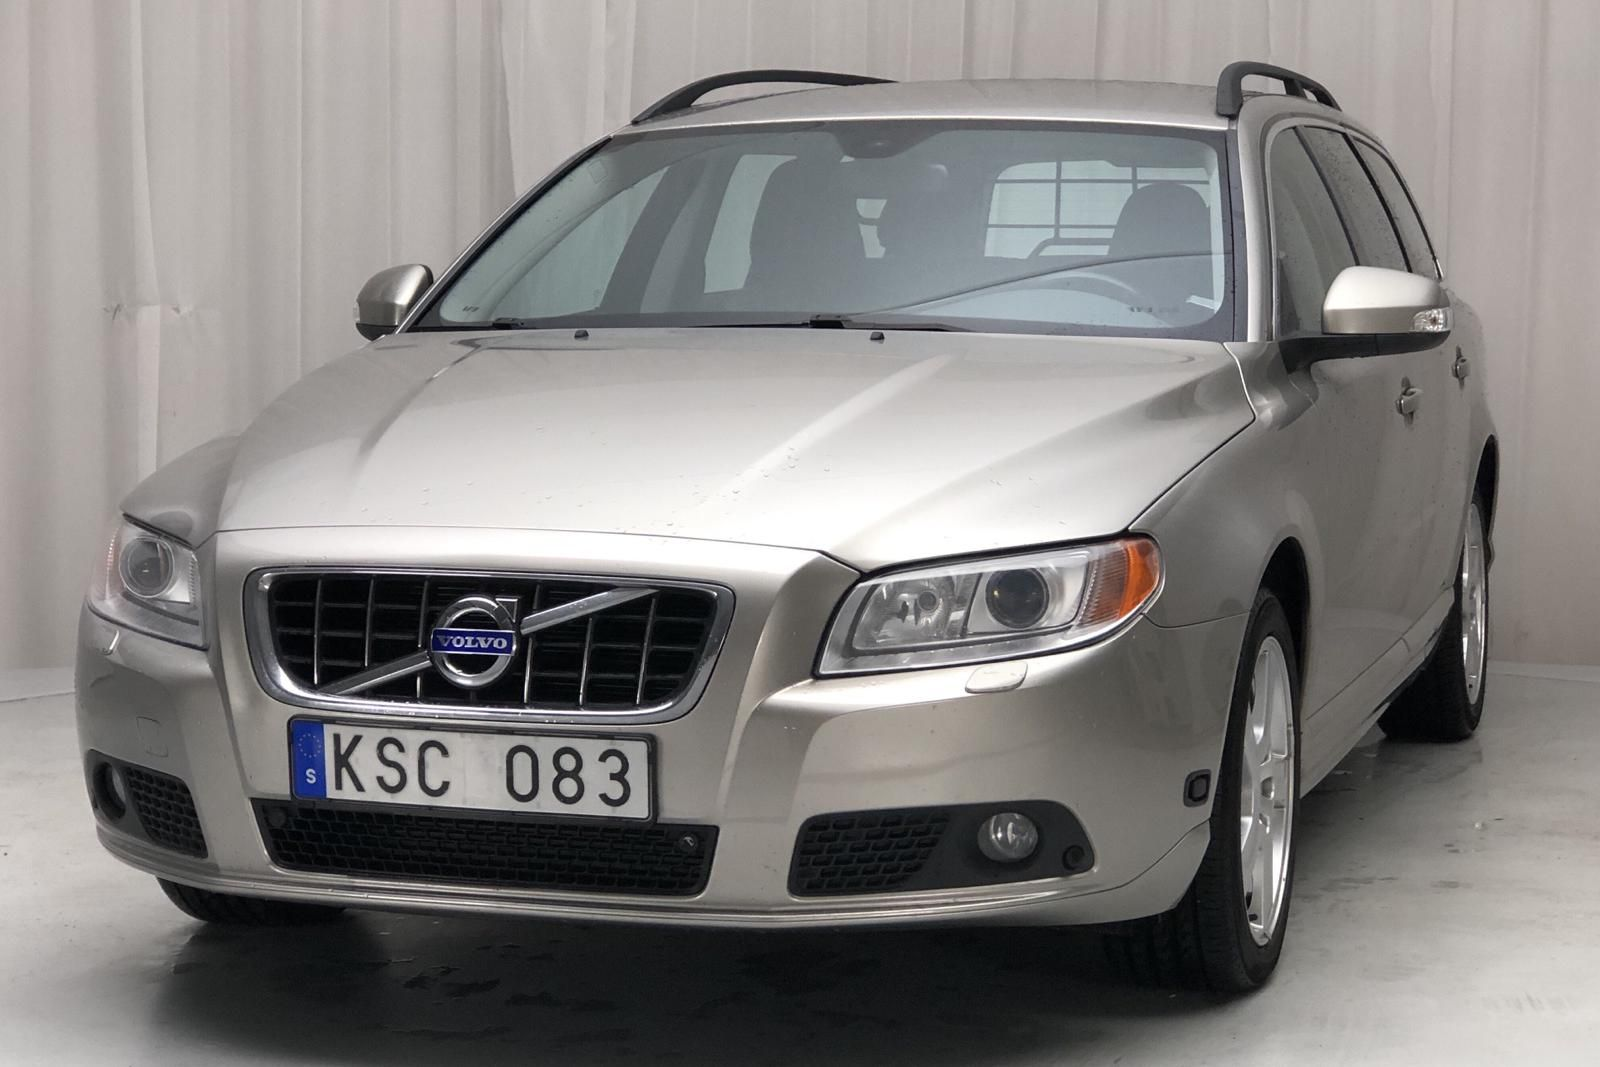 Volvo V70 II 2.5 FT (231hk)